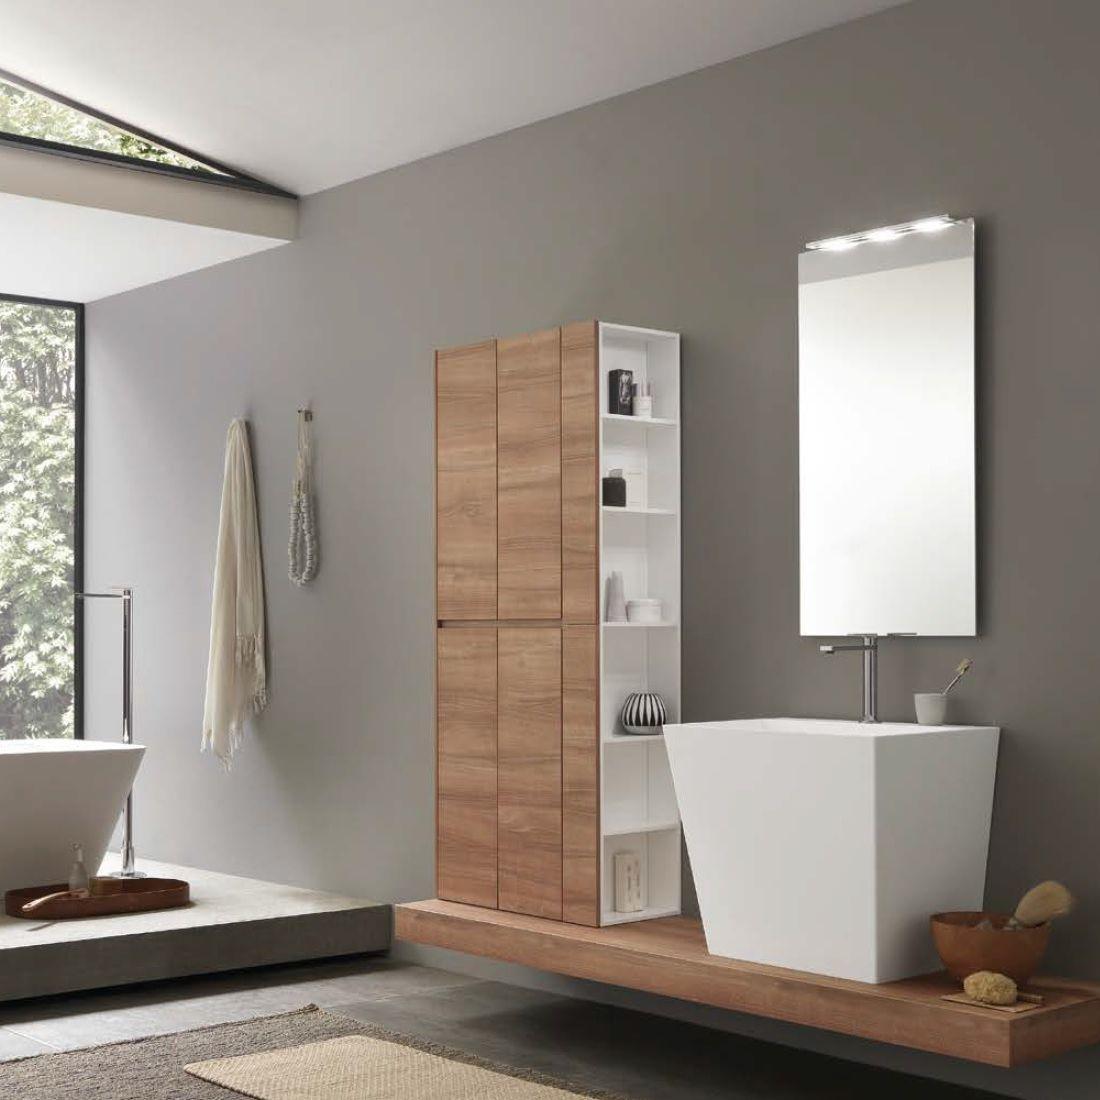 Mobile colonna da bagno / moderno - TULLE COMP_14 - ARCHEDA